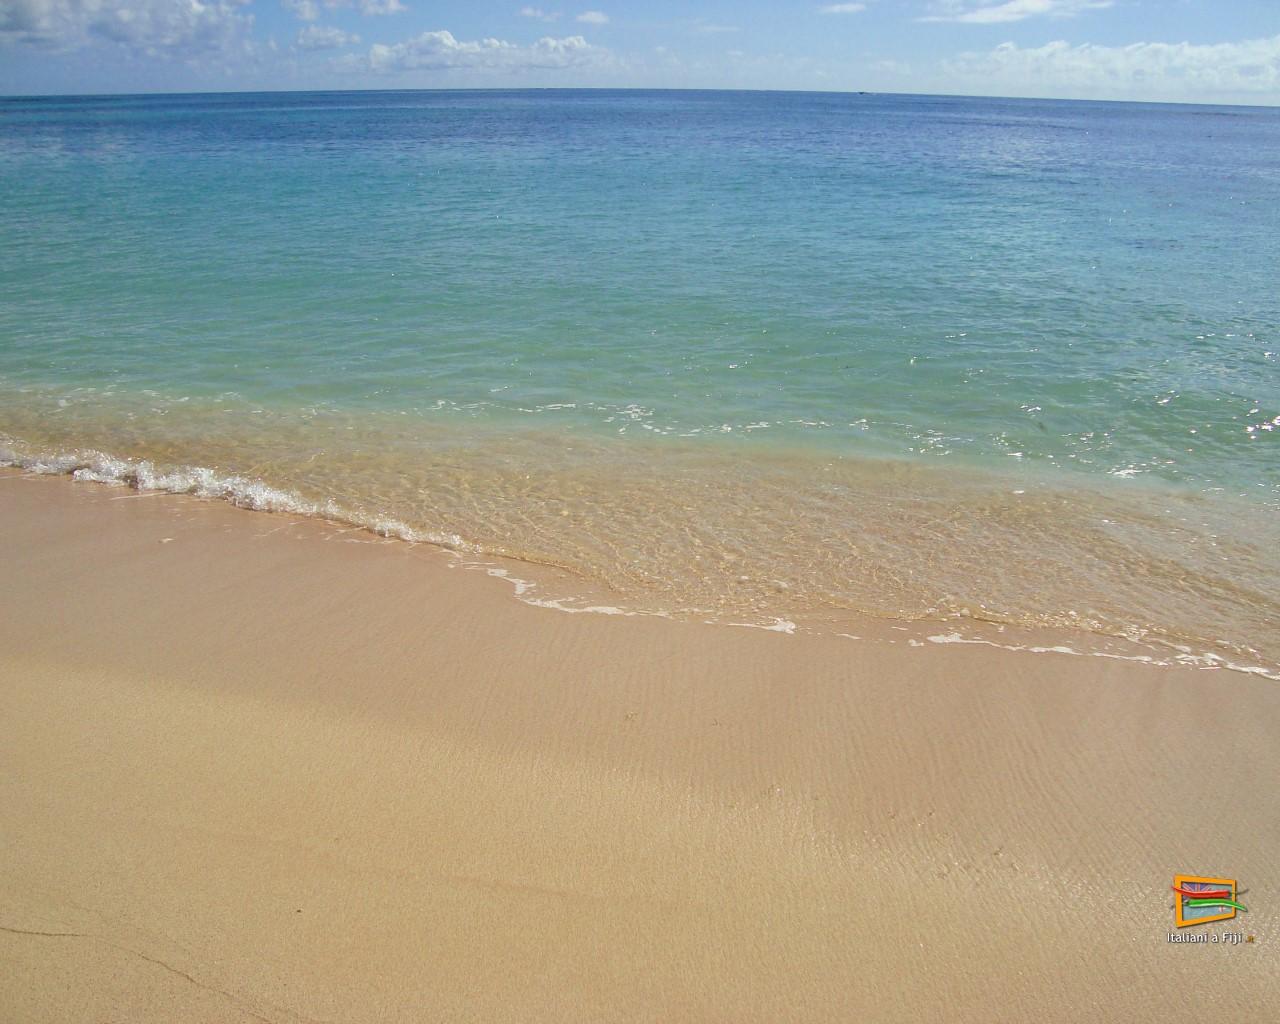 Pin spiaggia desktop on pinterest for Sfondi spiagge hd